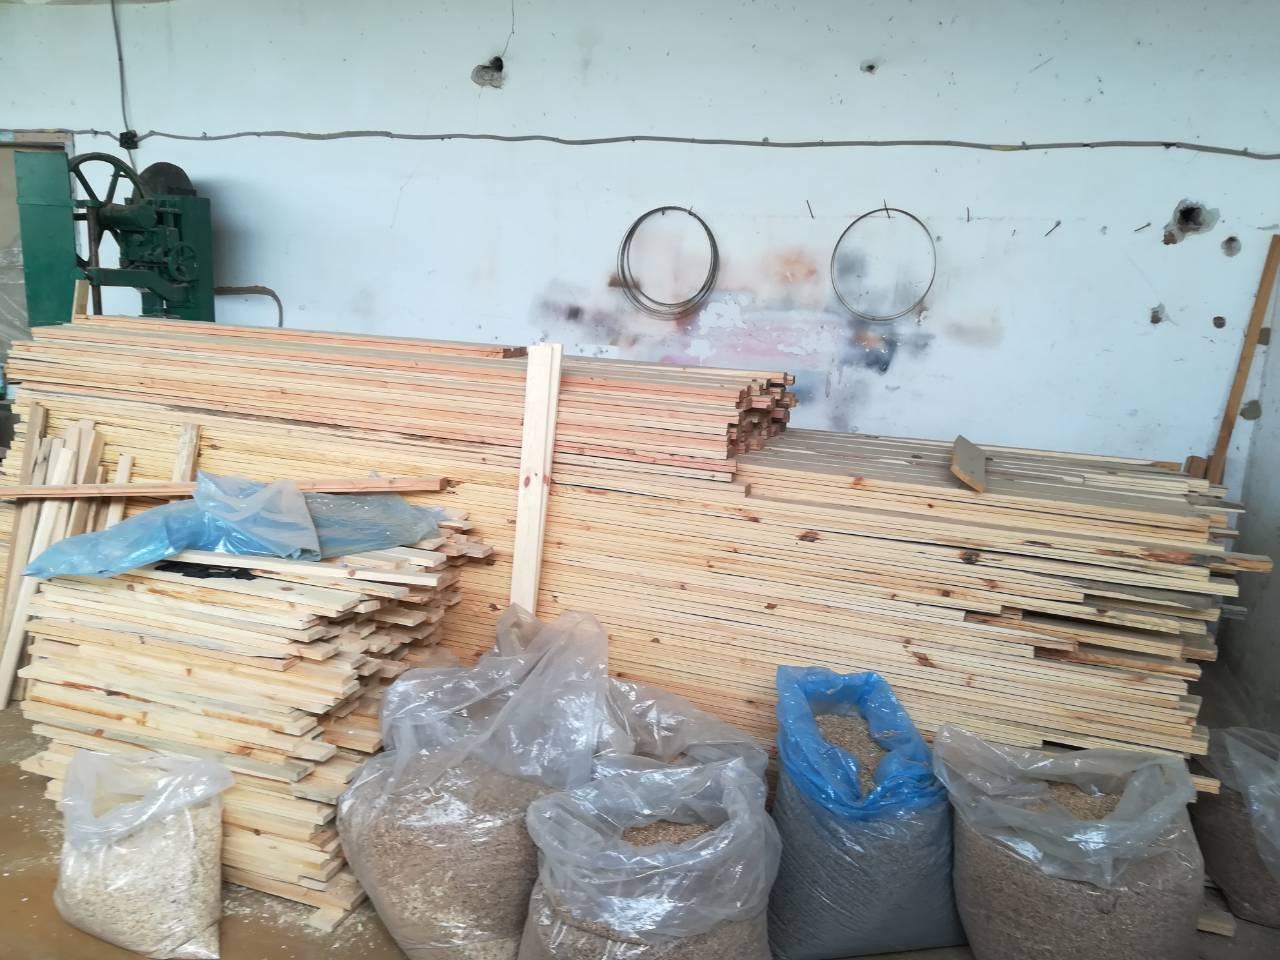 """Служители на сектор """"Противодействие на икономическата престъпност"""" при ОДМВР-Пазарджик откриха незаконно придобита и съхранявана дървесина в незаконен цех прикрит в сградата на шивашка фирма"""